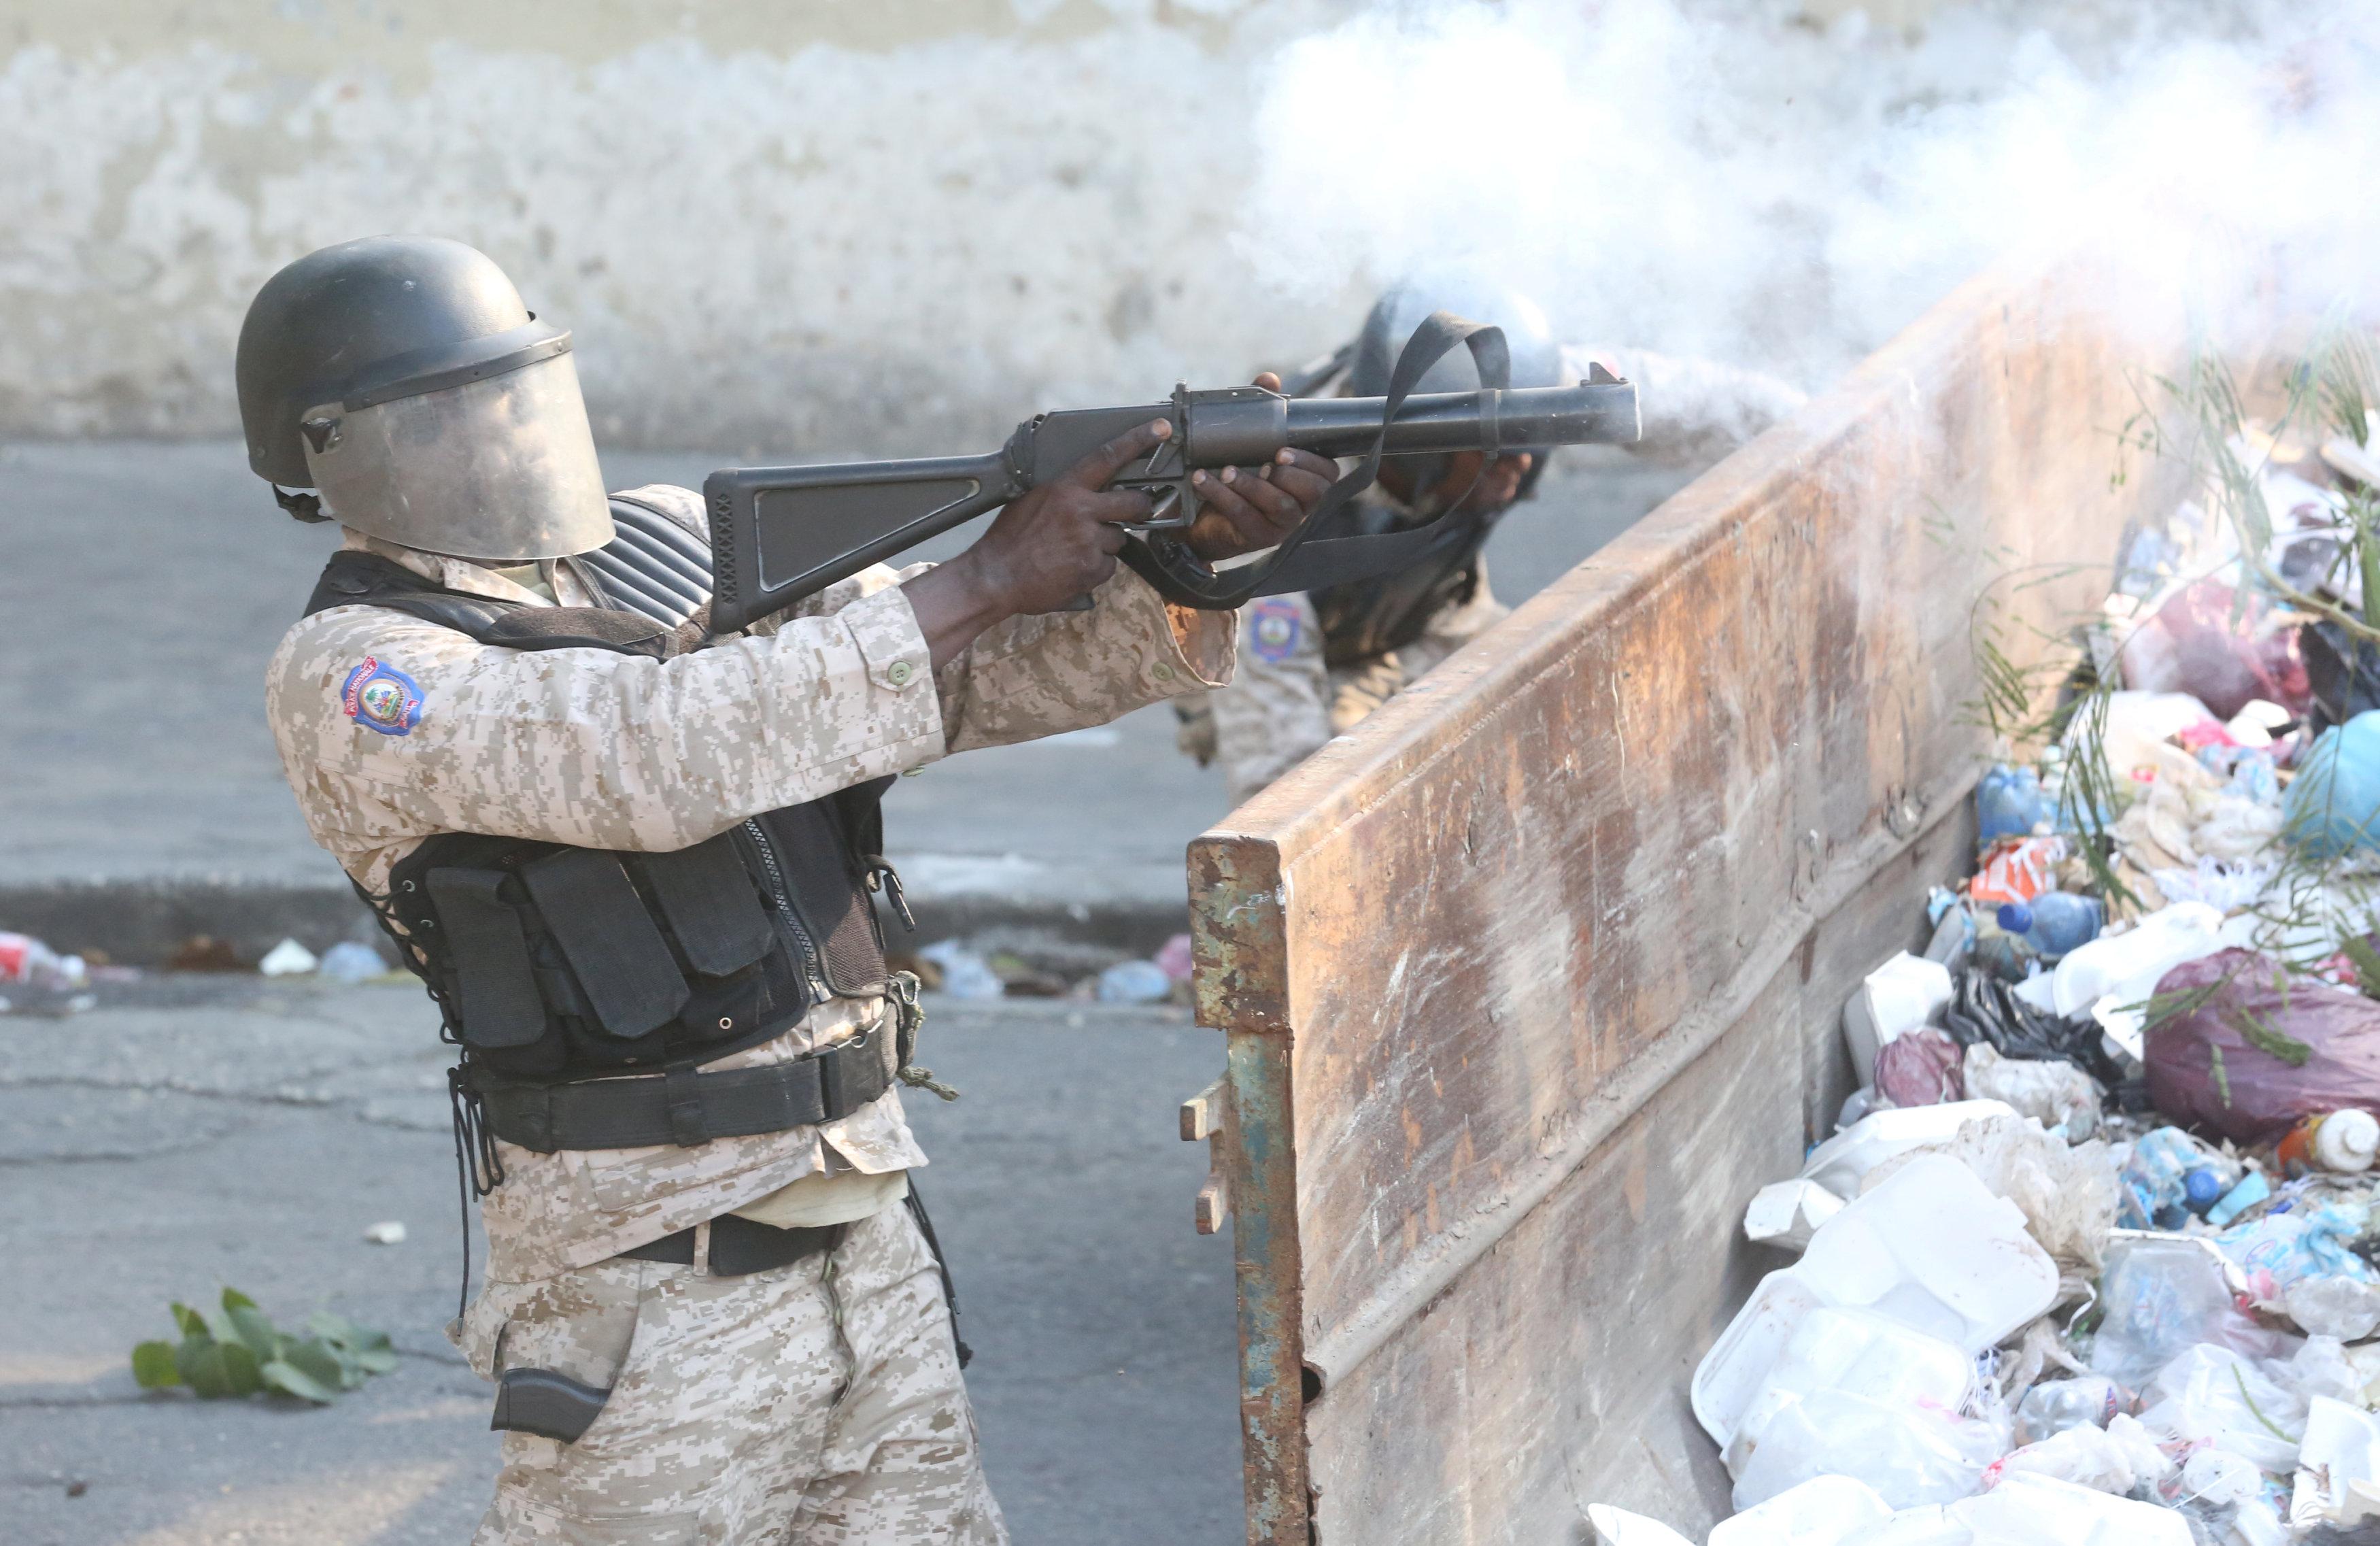 شوارع هايتى تتحول لساحة حرب خلال مظاهرات عنيفة  (1)